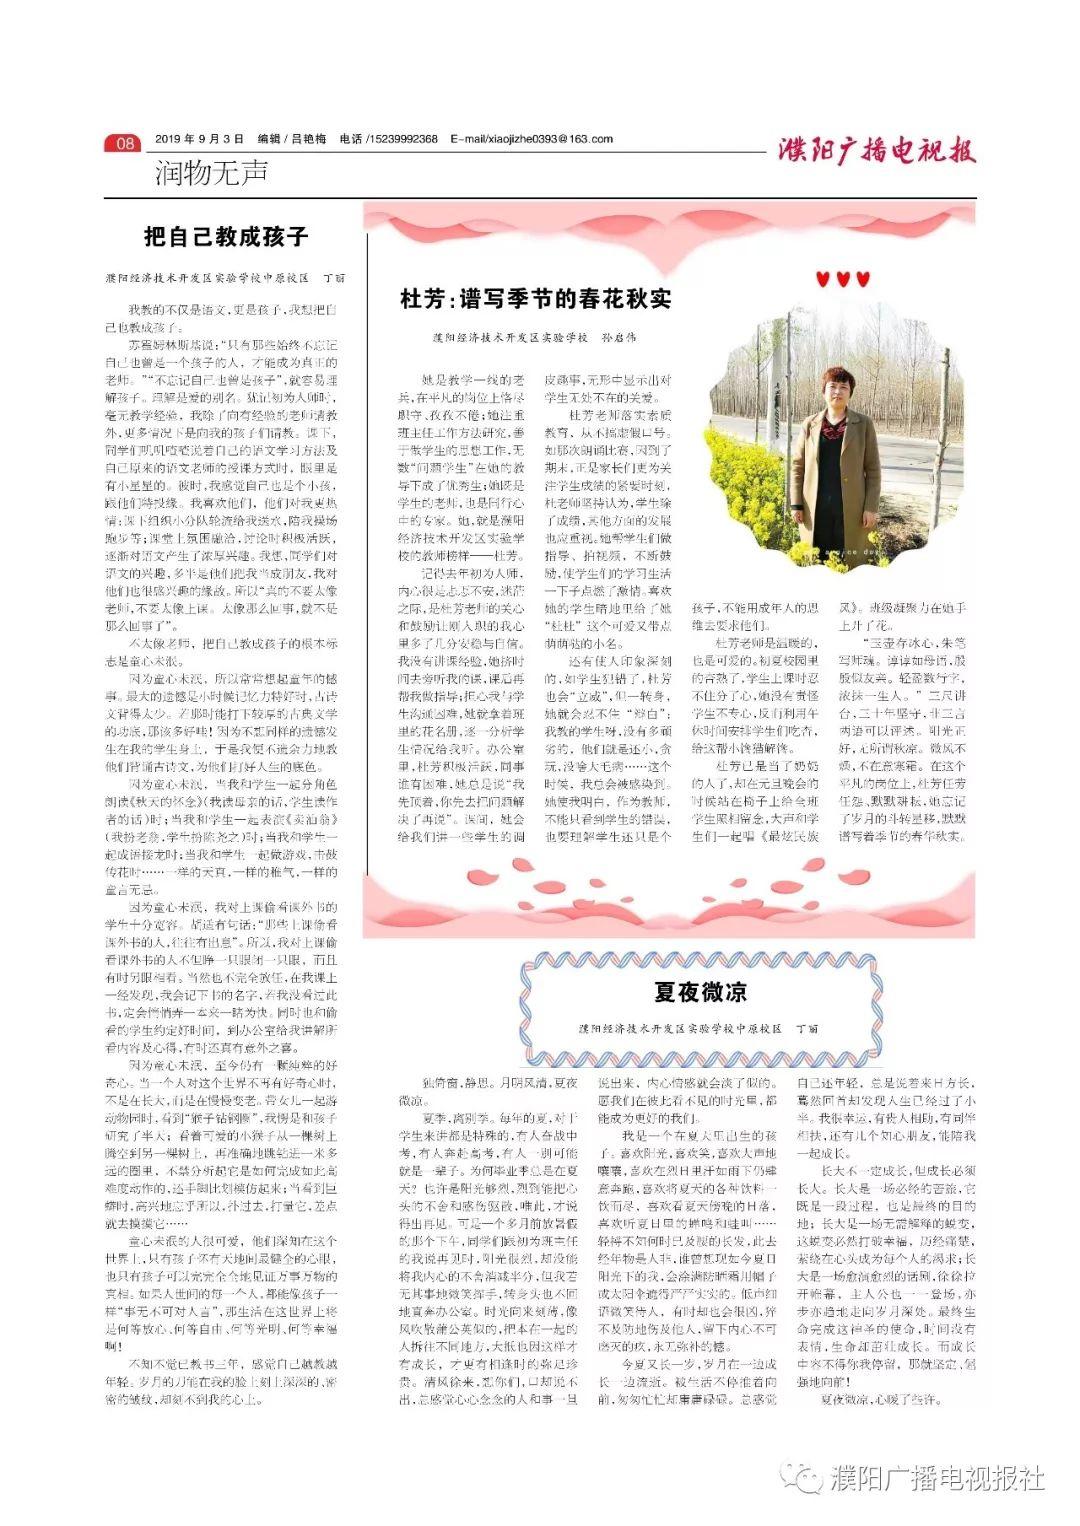 【电子阅览室】濮阳广播电视报2019年第35期(下)精彩呈现